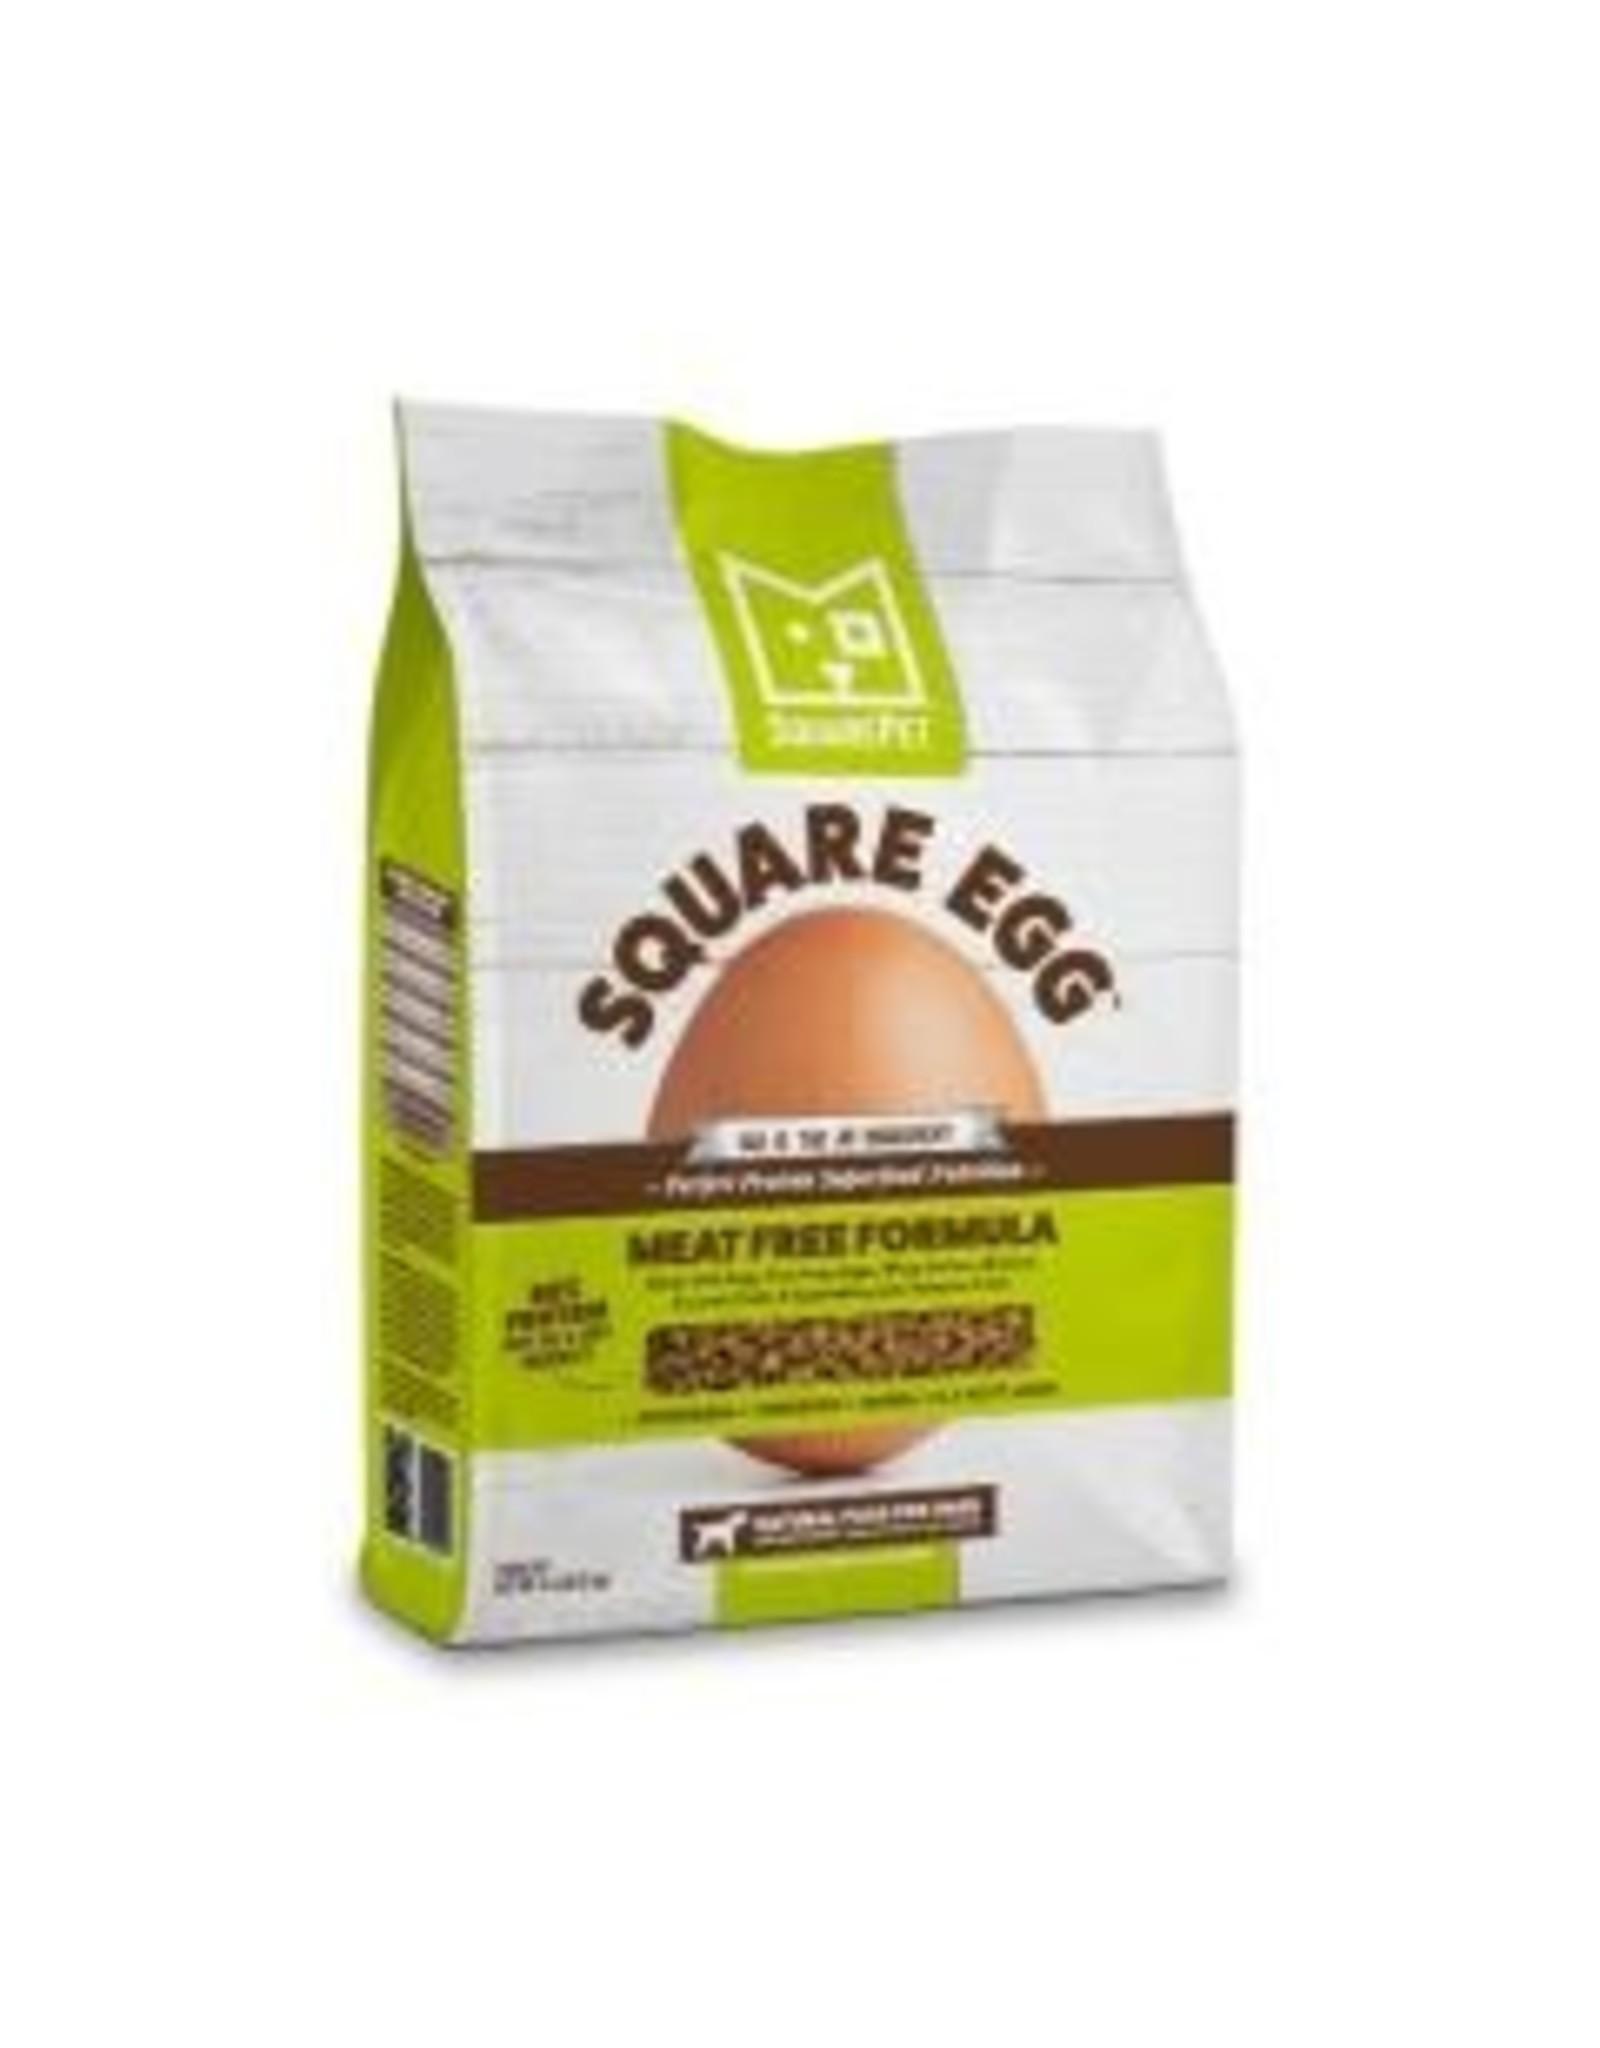 SquarePet SquarePet Square Egg Dog Food